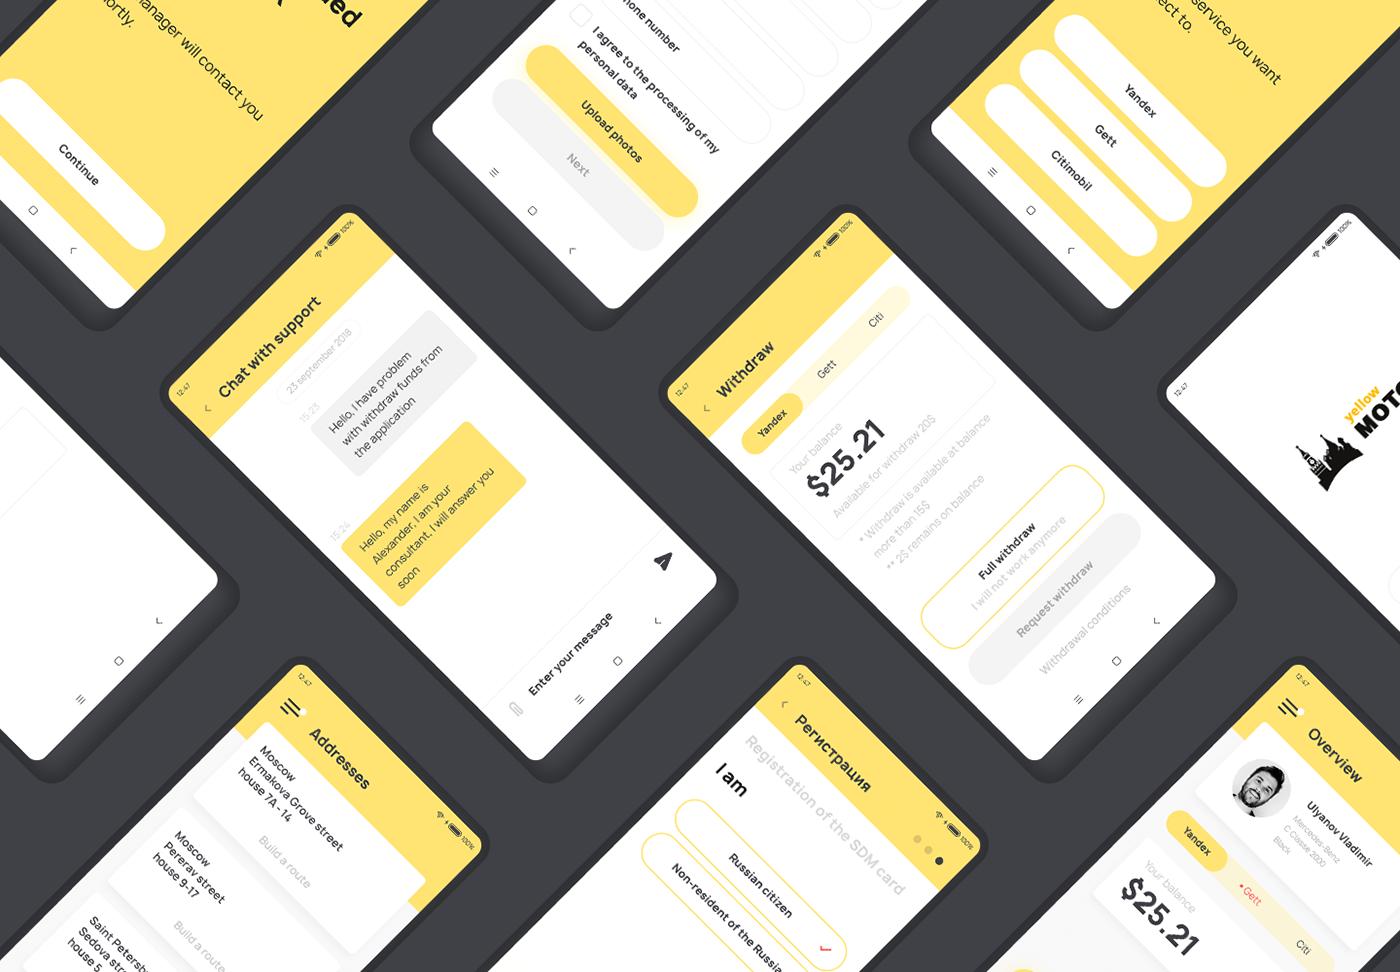 taxi UX design app design app ui design ux/ui design flat material